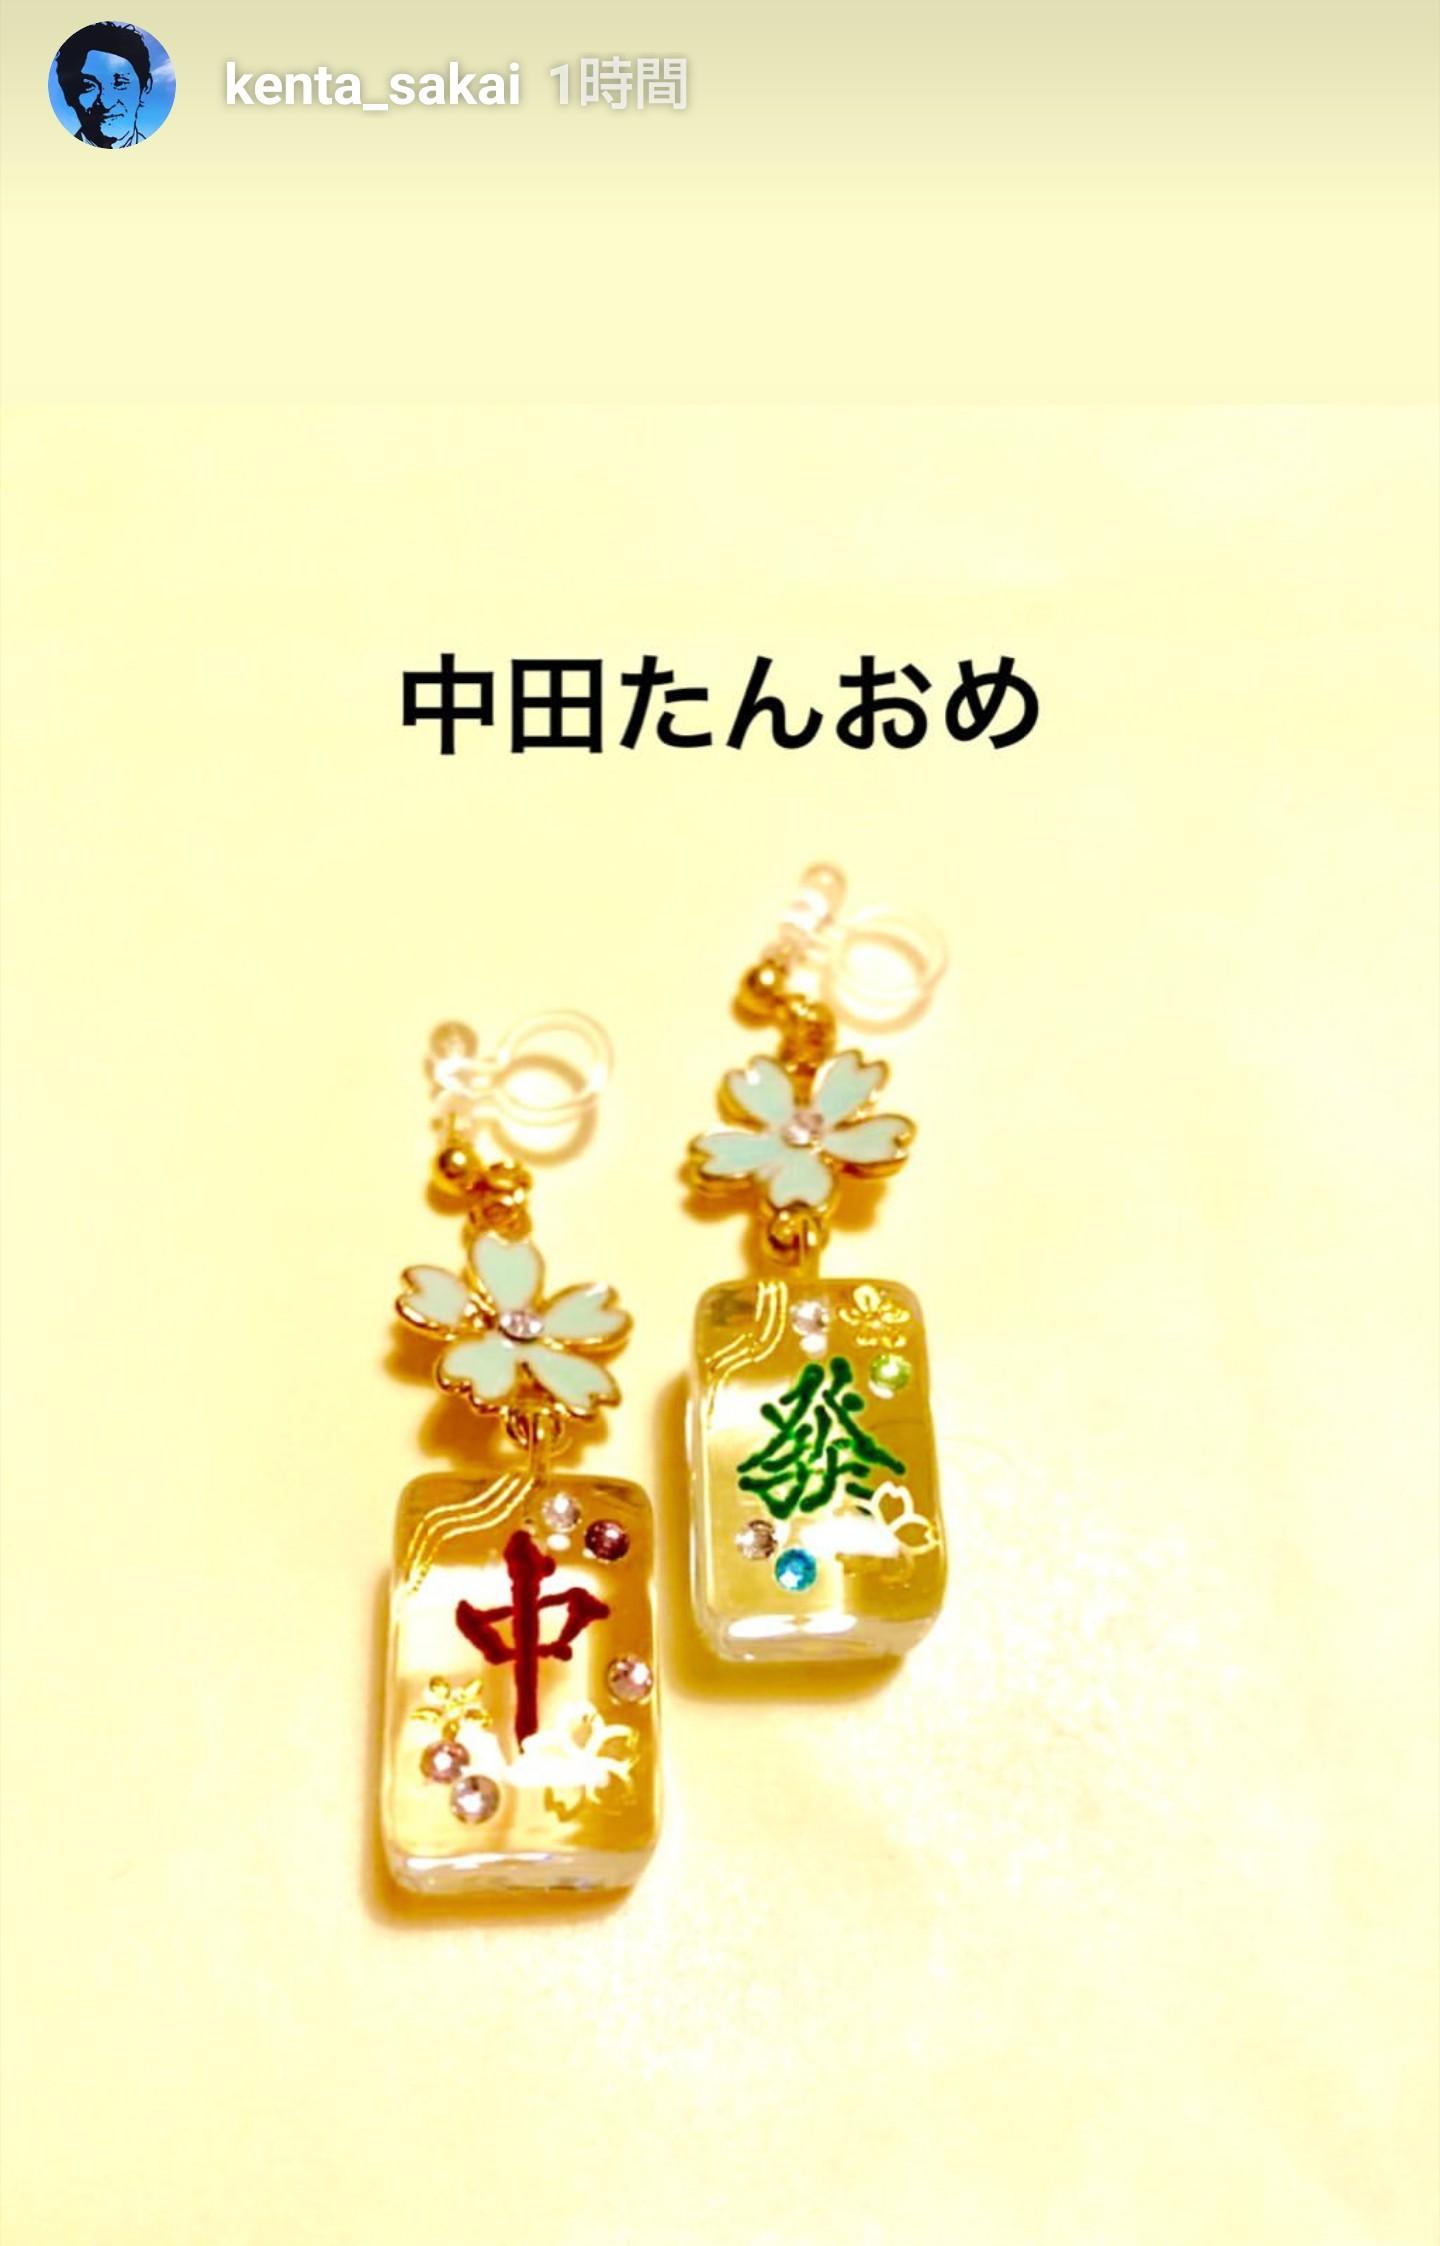 アルコ&ピース酒井が乃木坂46中田花奈への誕生日プレゼントにハンドメイド発注したピアス